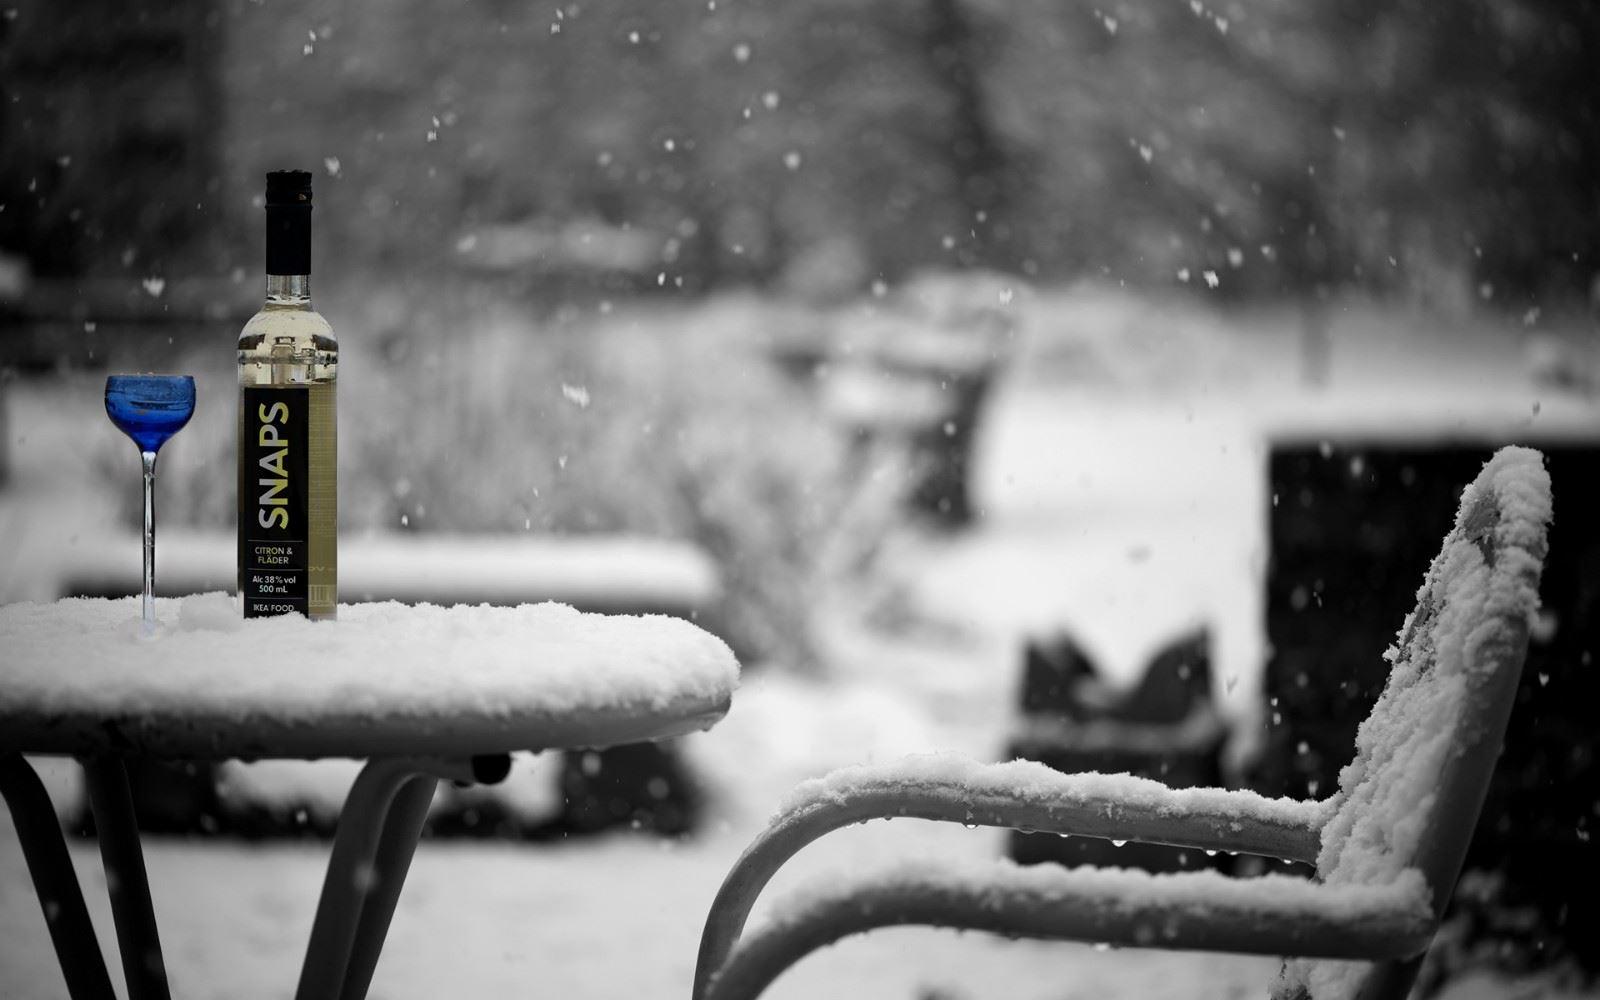 飘雪的季节走在大街小巷